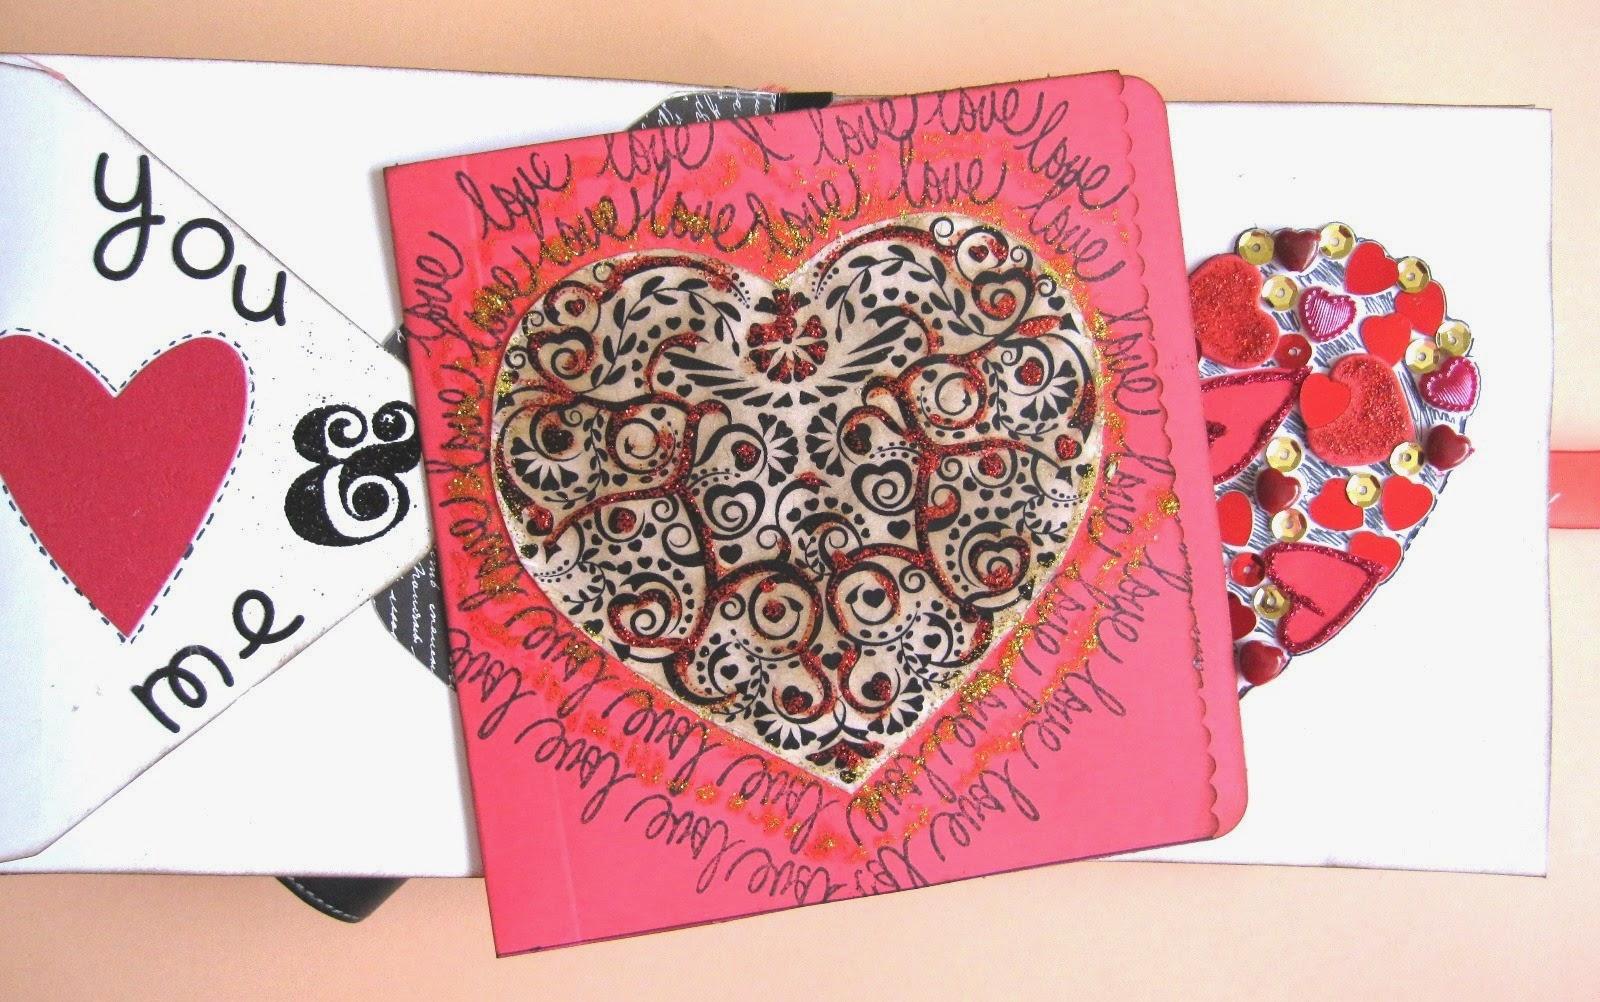 foto 3 decoración interior LOVE mini-album con tarjeta hecha con papel básico rojo de scrapbooking decorada con un corazón y sellos con la palabra love rodeándolo